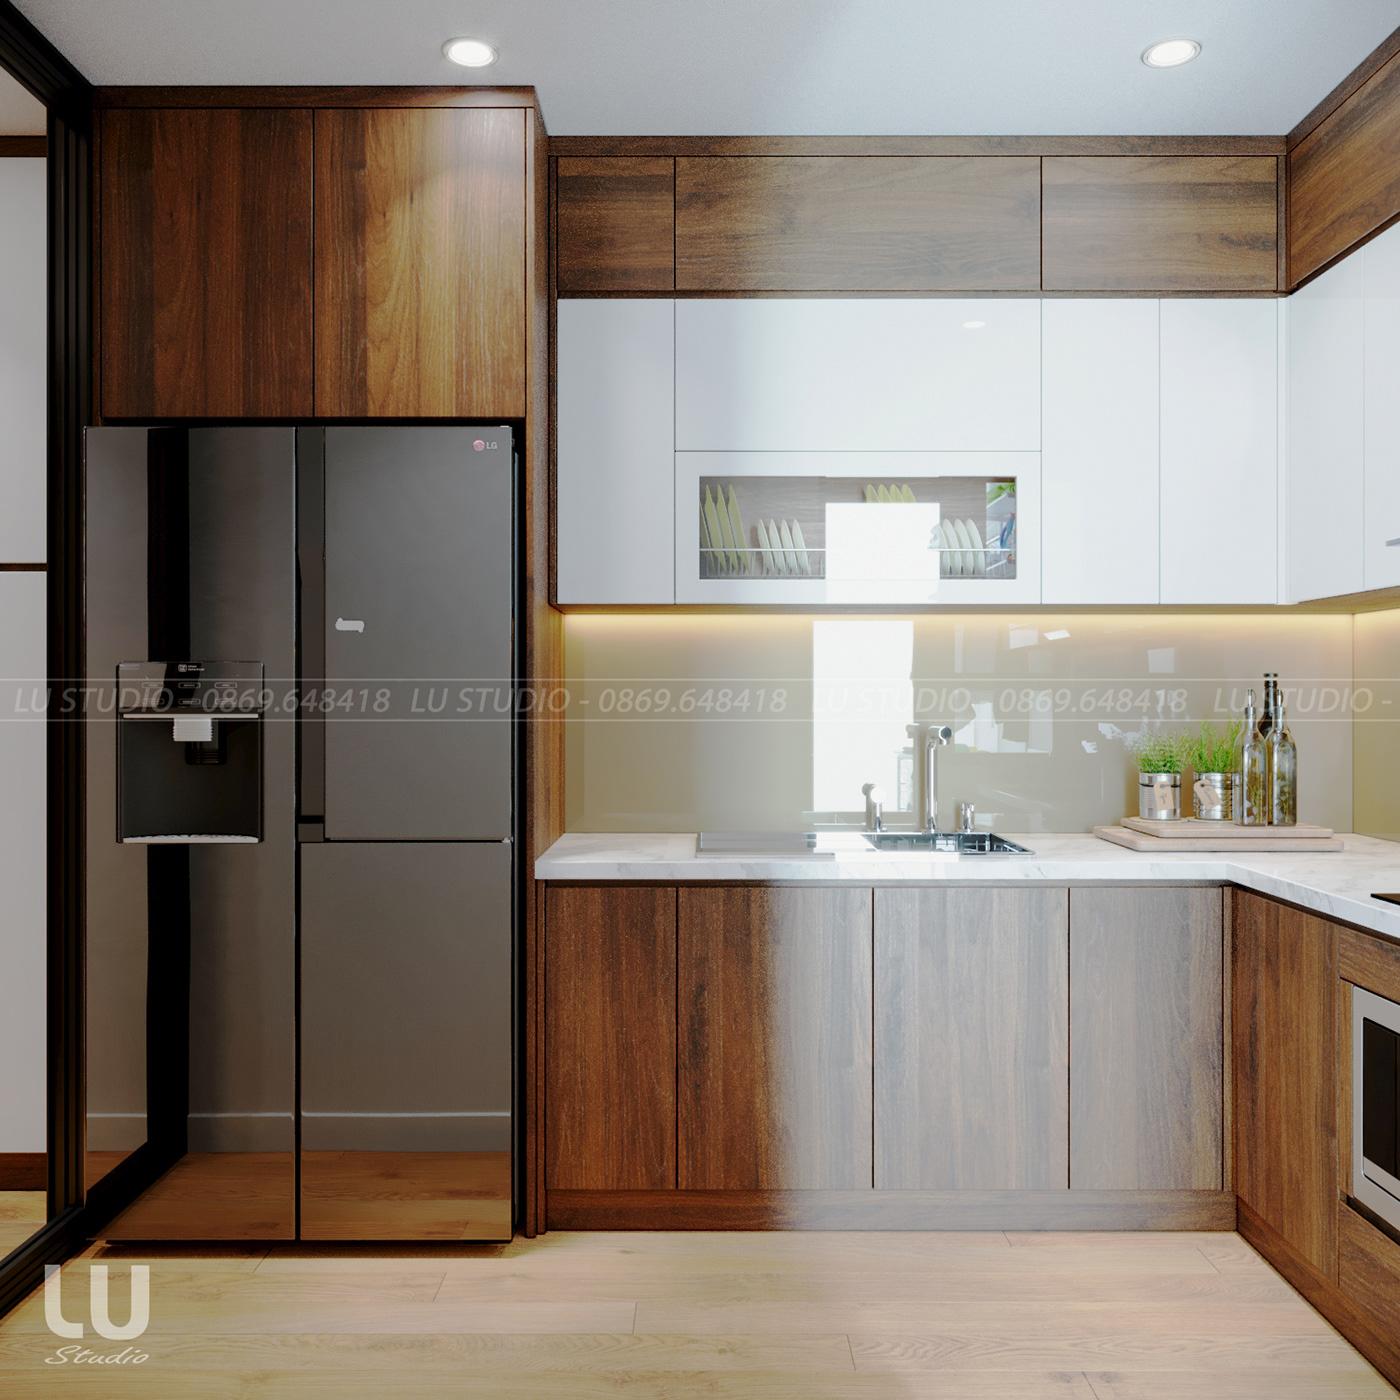 thiết kế nội thất chung cư tại Hà Nội Chung cư Season Avennue Thanh Xuân, Hà Nội 8 1533263513